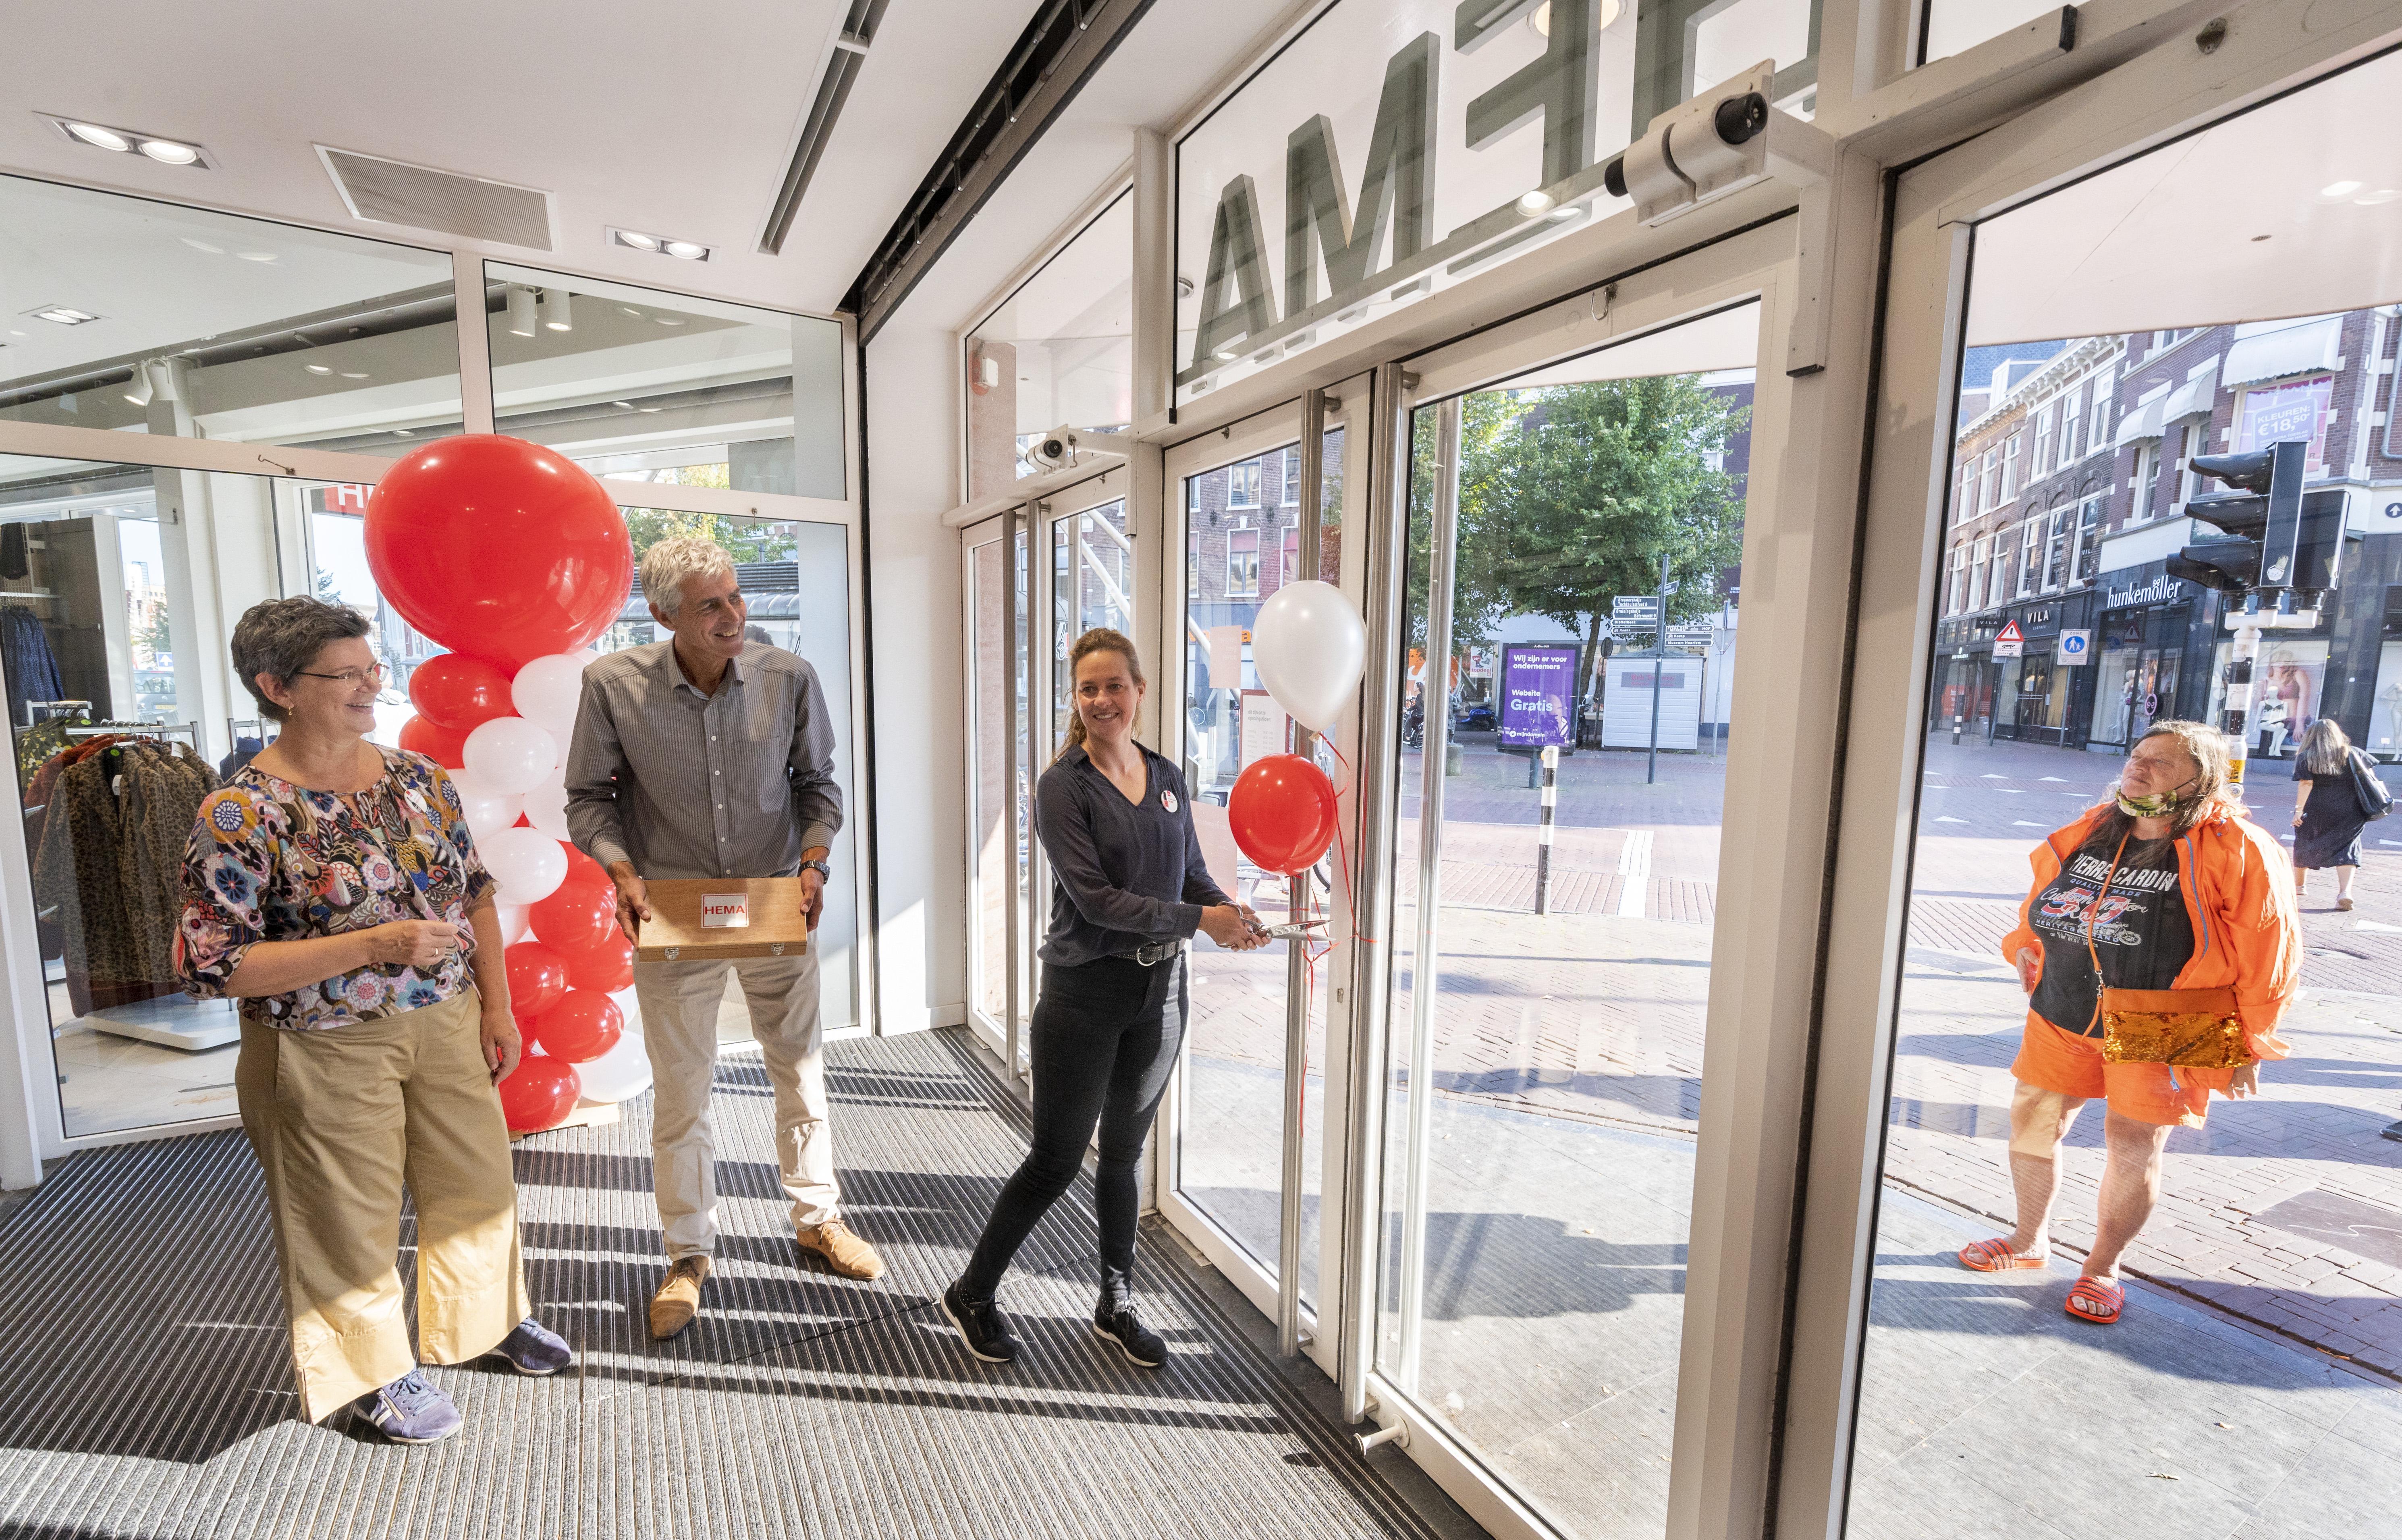 Hema in oude V&D Haarlem opent stilletjes 'Met een tompouce-actie, trek je al snel te veel publiek'